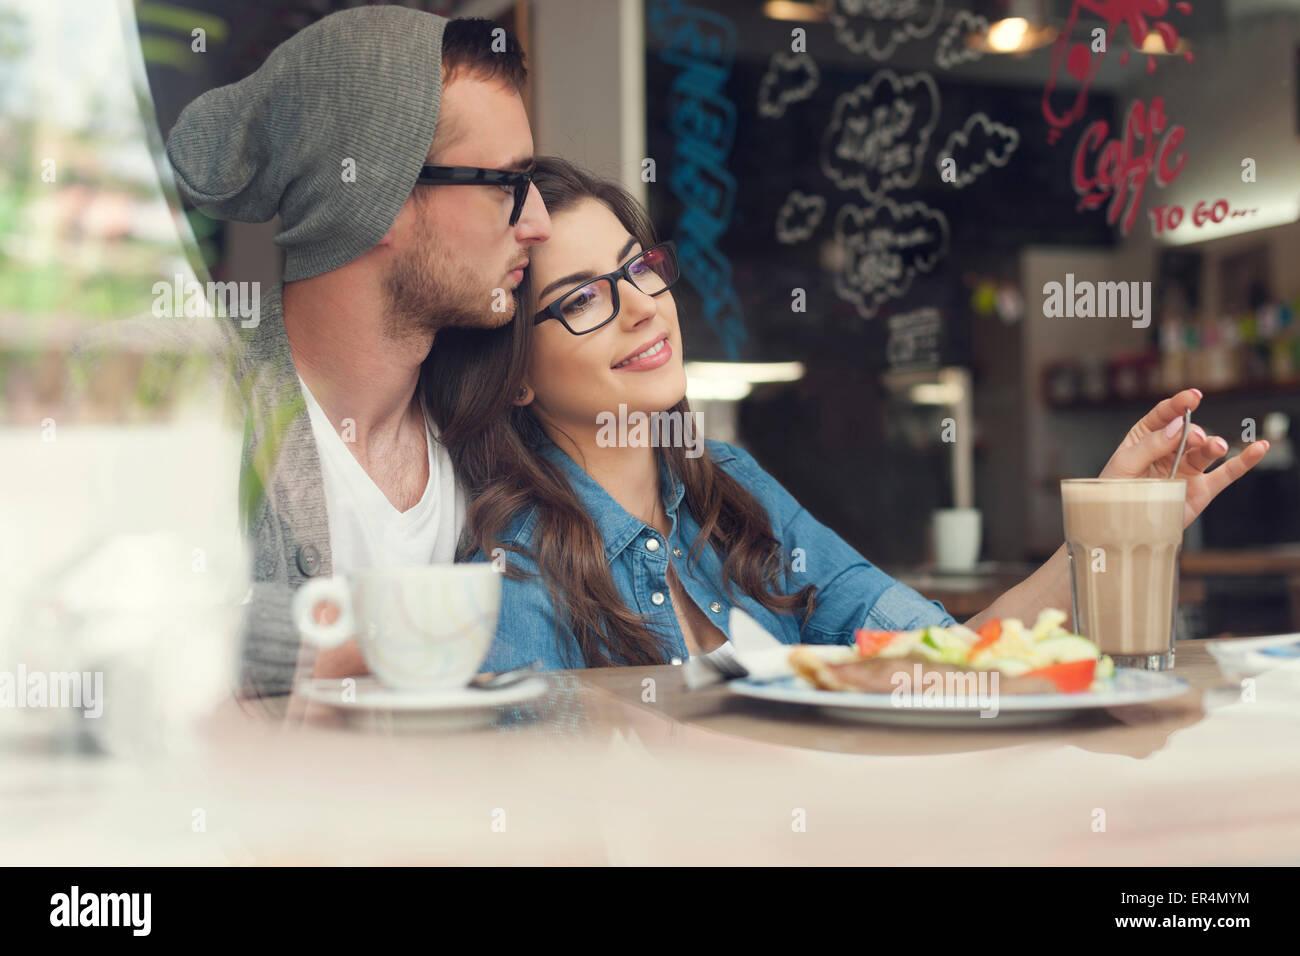 Tiempo romántico de pareja amorosa en el cafe. Cracovia, Polonia Imagen De Stock